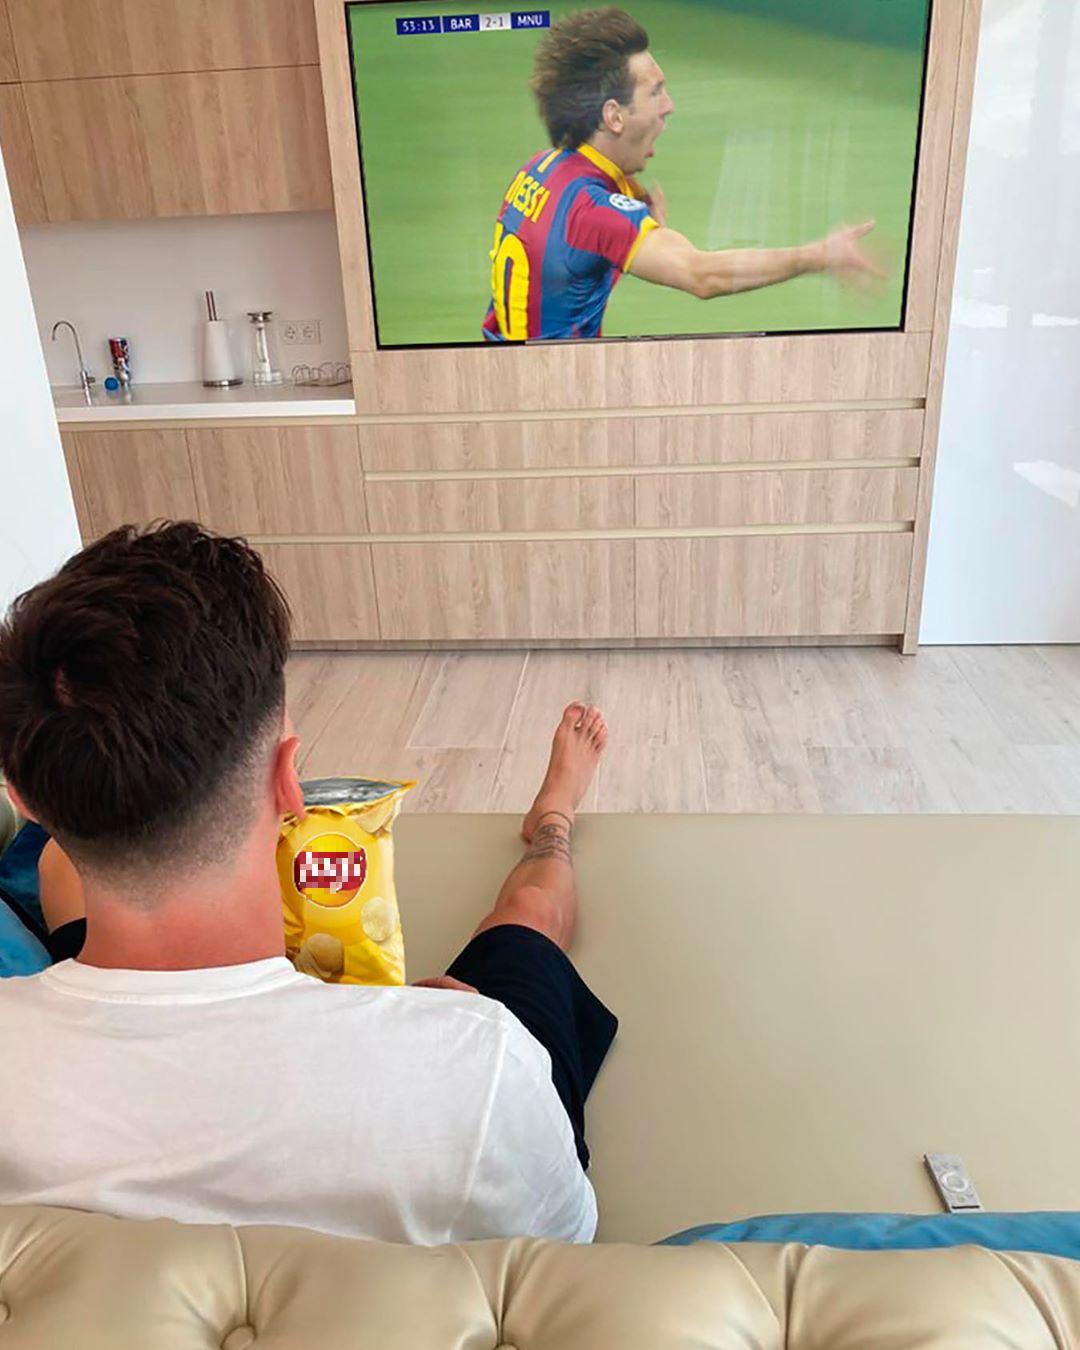 Lionel Messi vượt Ronaldo, trở thành cầu thủ kiếm tiền giỏi nhất năm 2020 - Ảnh 2.